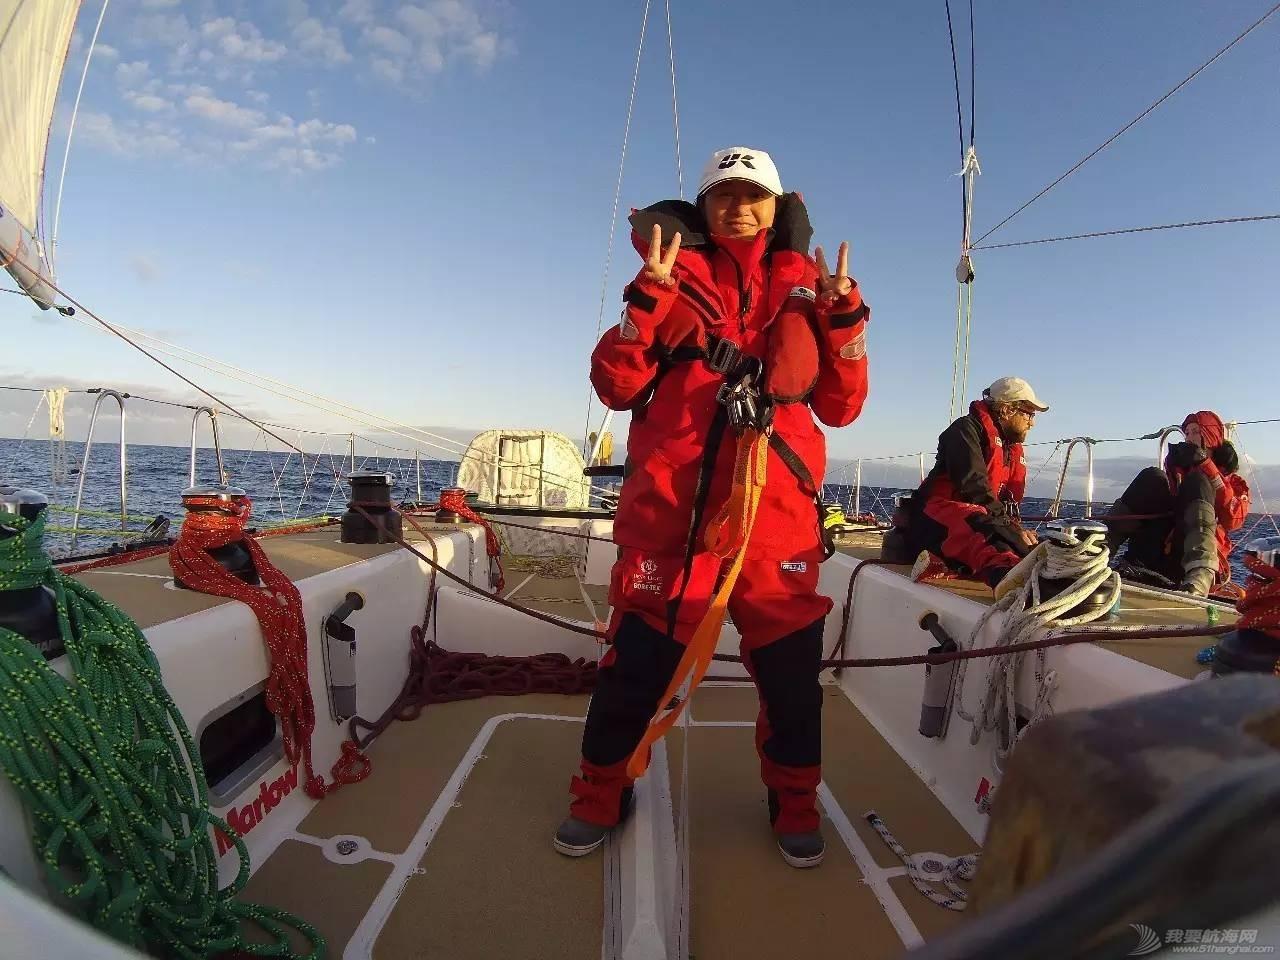 22岁她才见到海,27岁她在海上看世界 66fa34d61abb8729cbd1dc1bad2ef229.jpg